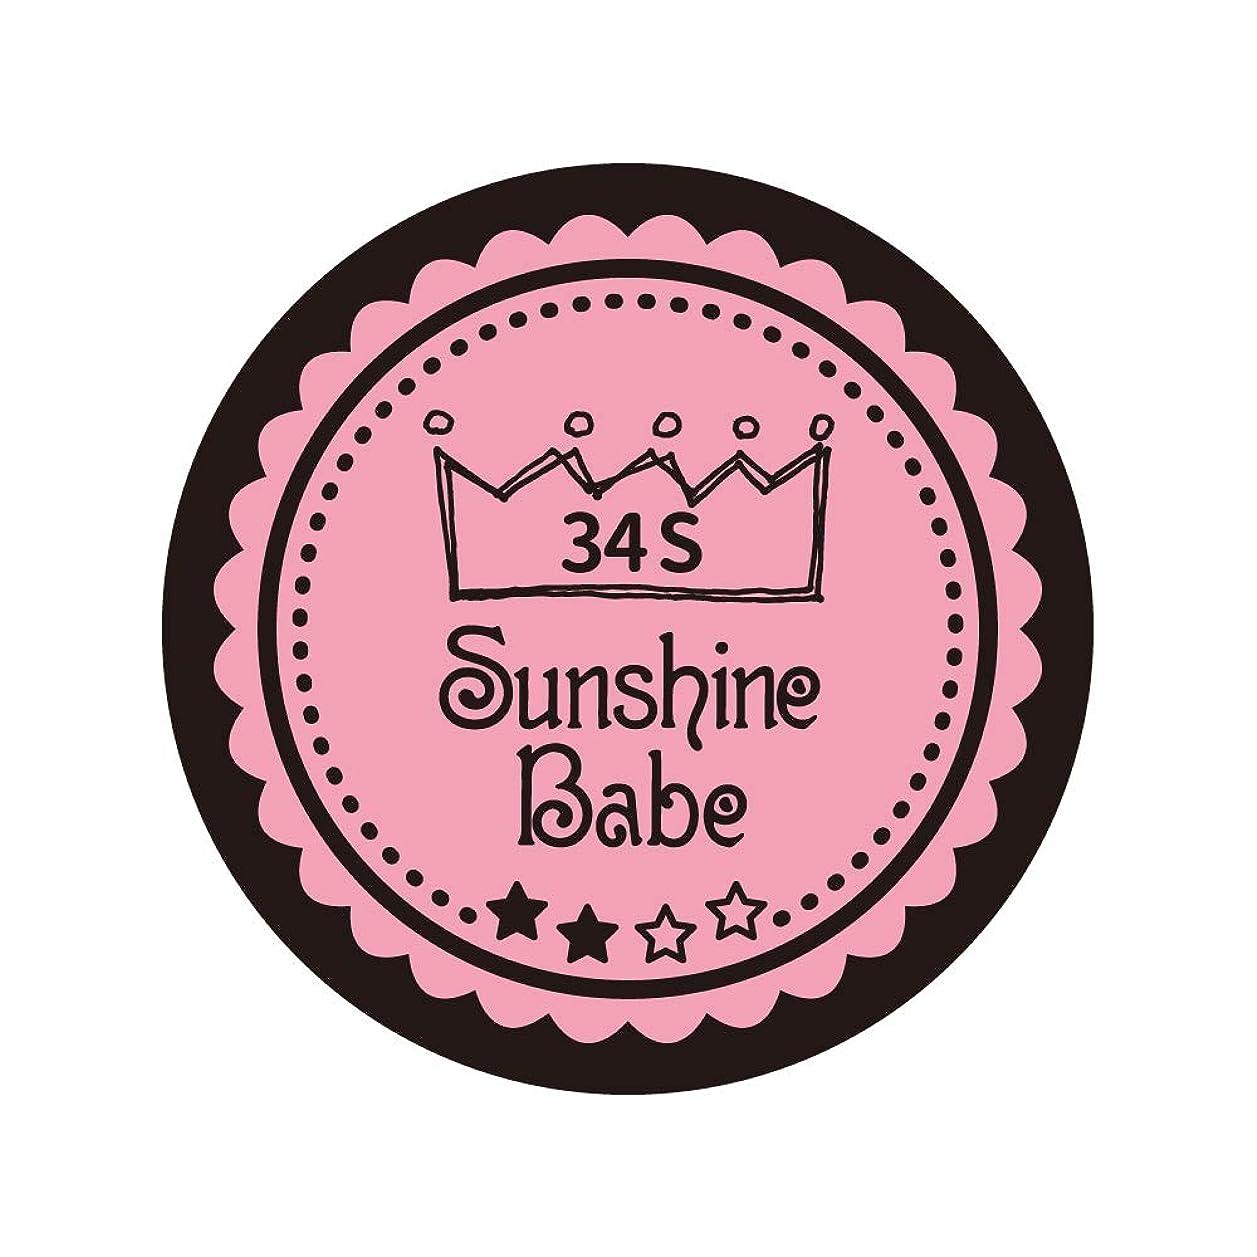 肯定的販売員ライバルSunshine Babe カラージェル 34S メロウローズ 2.7g UV/LED対応